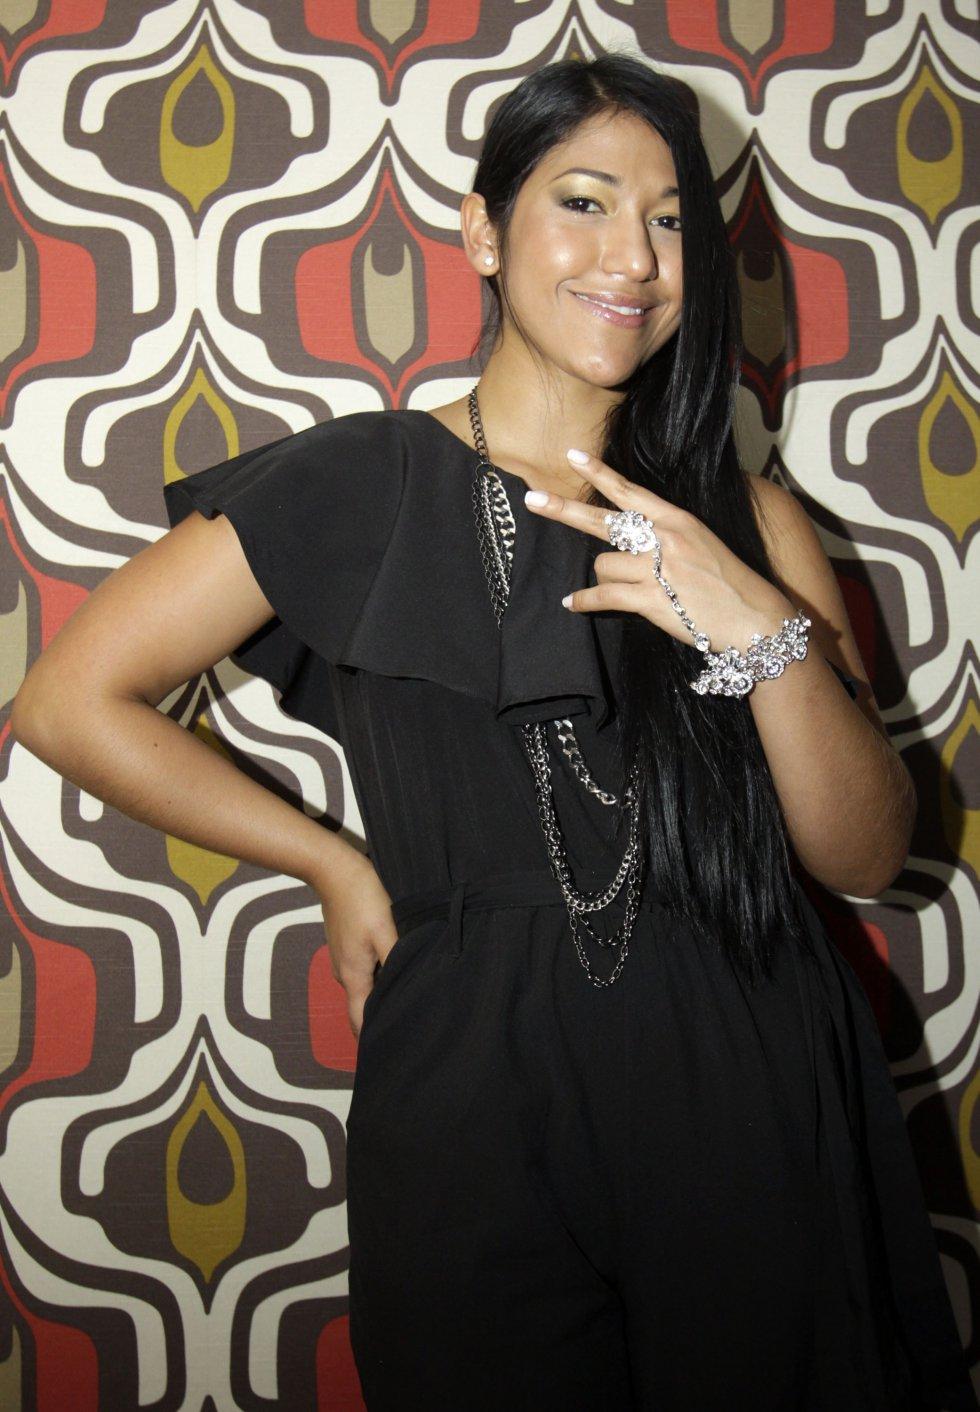 Salió a la fama en el 2005 gracias a su participación en el reality 'El factor X'.